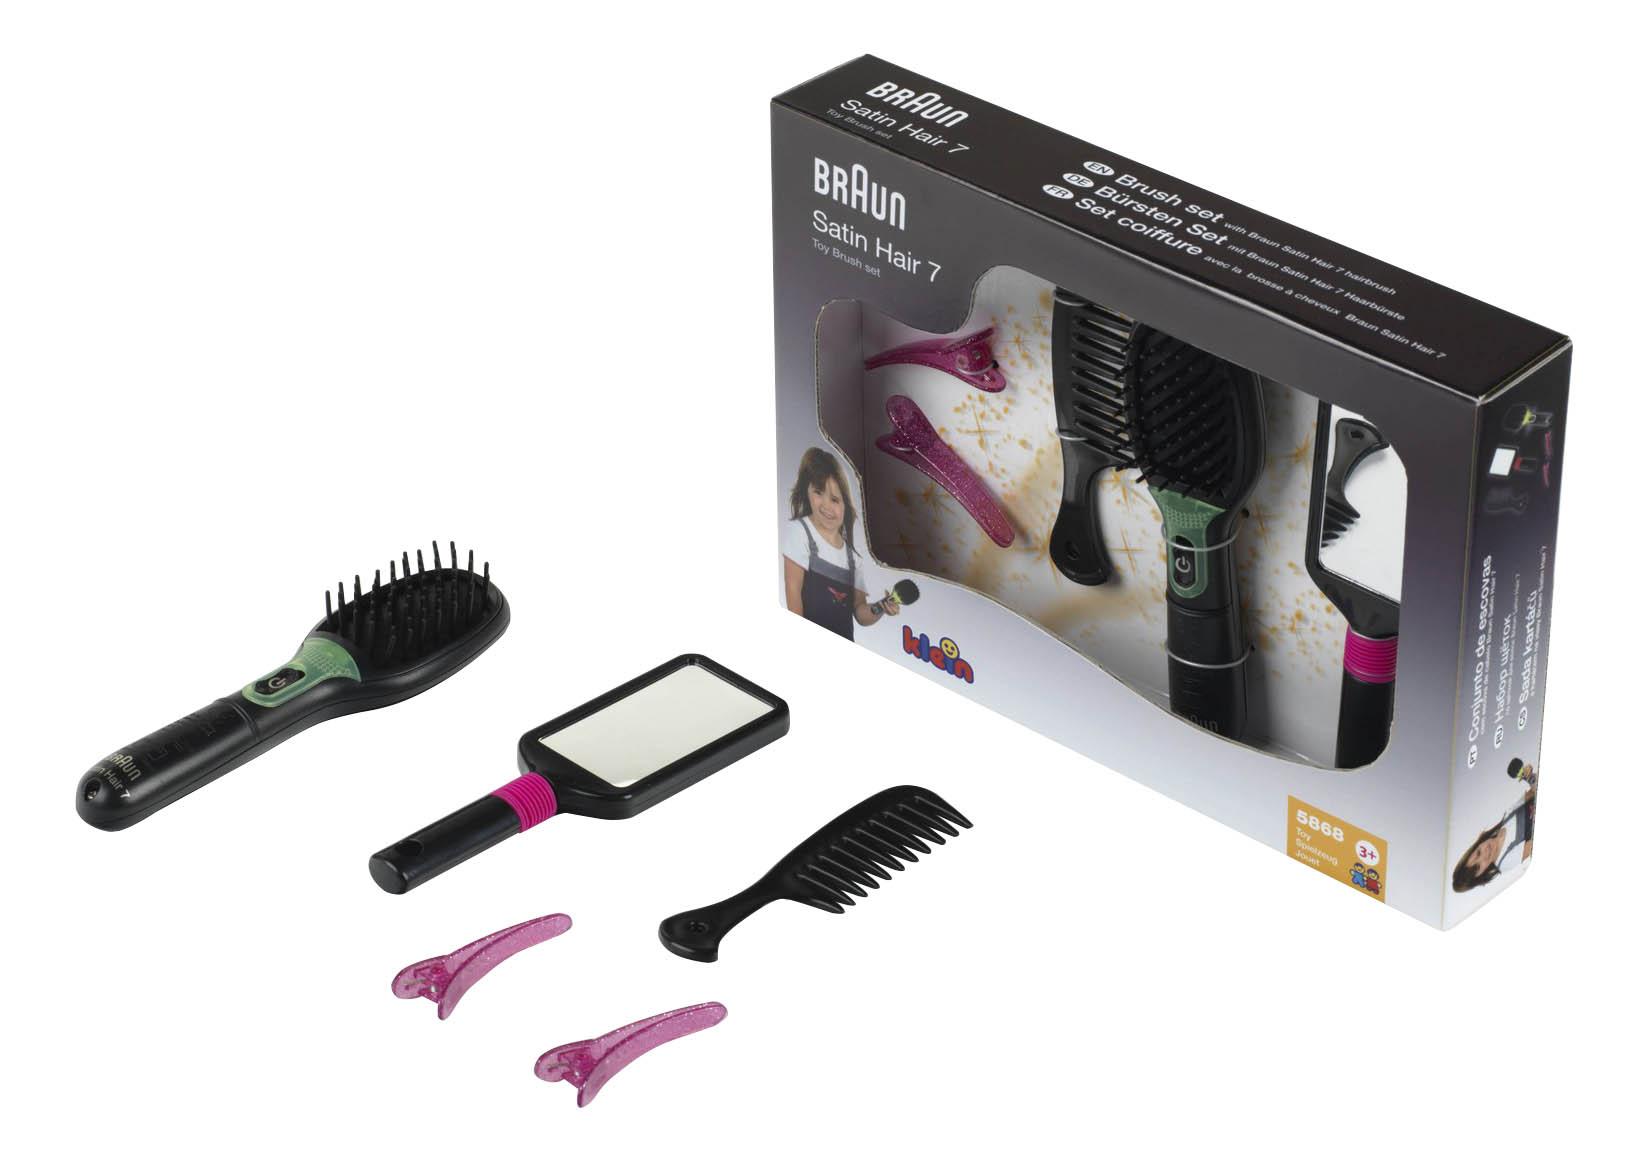 Купить Набор парикмахера игрушечный Klein Braun Satin Hair 7, Детские наборы парикмахера